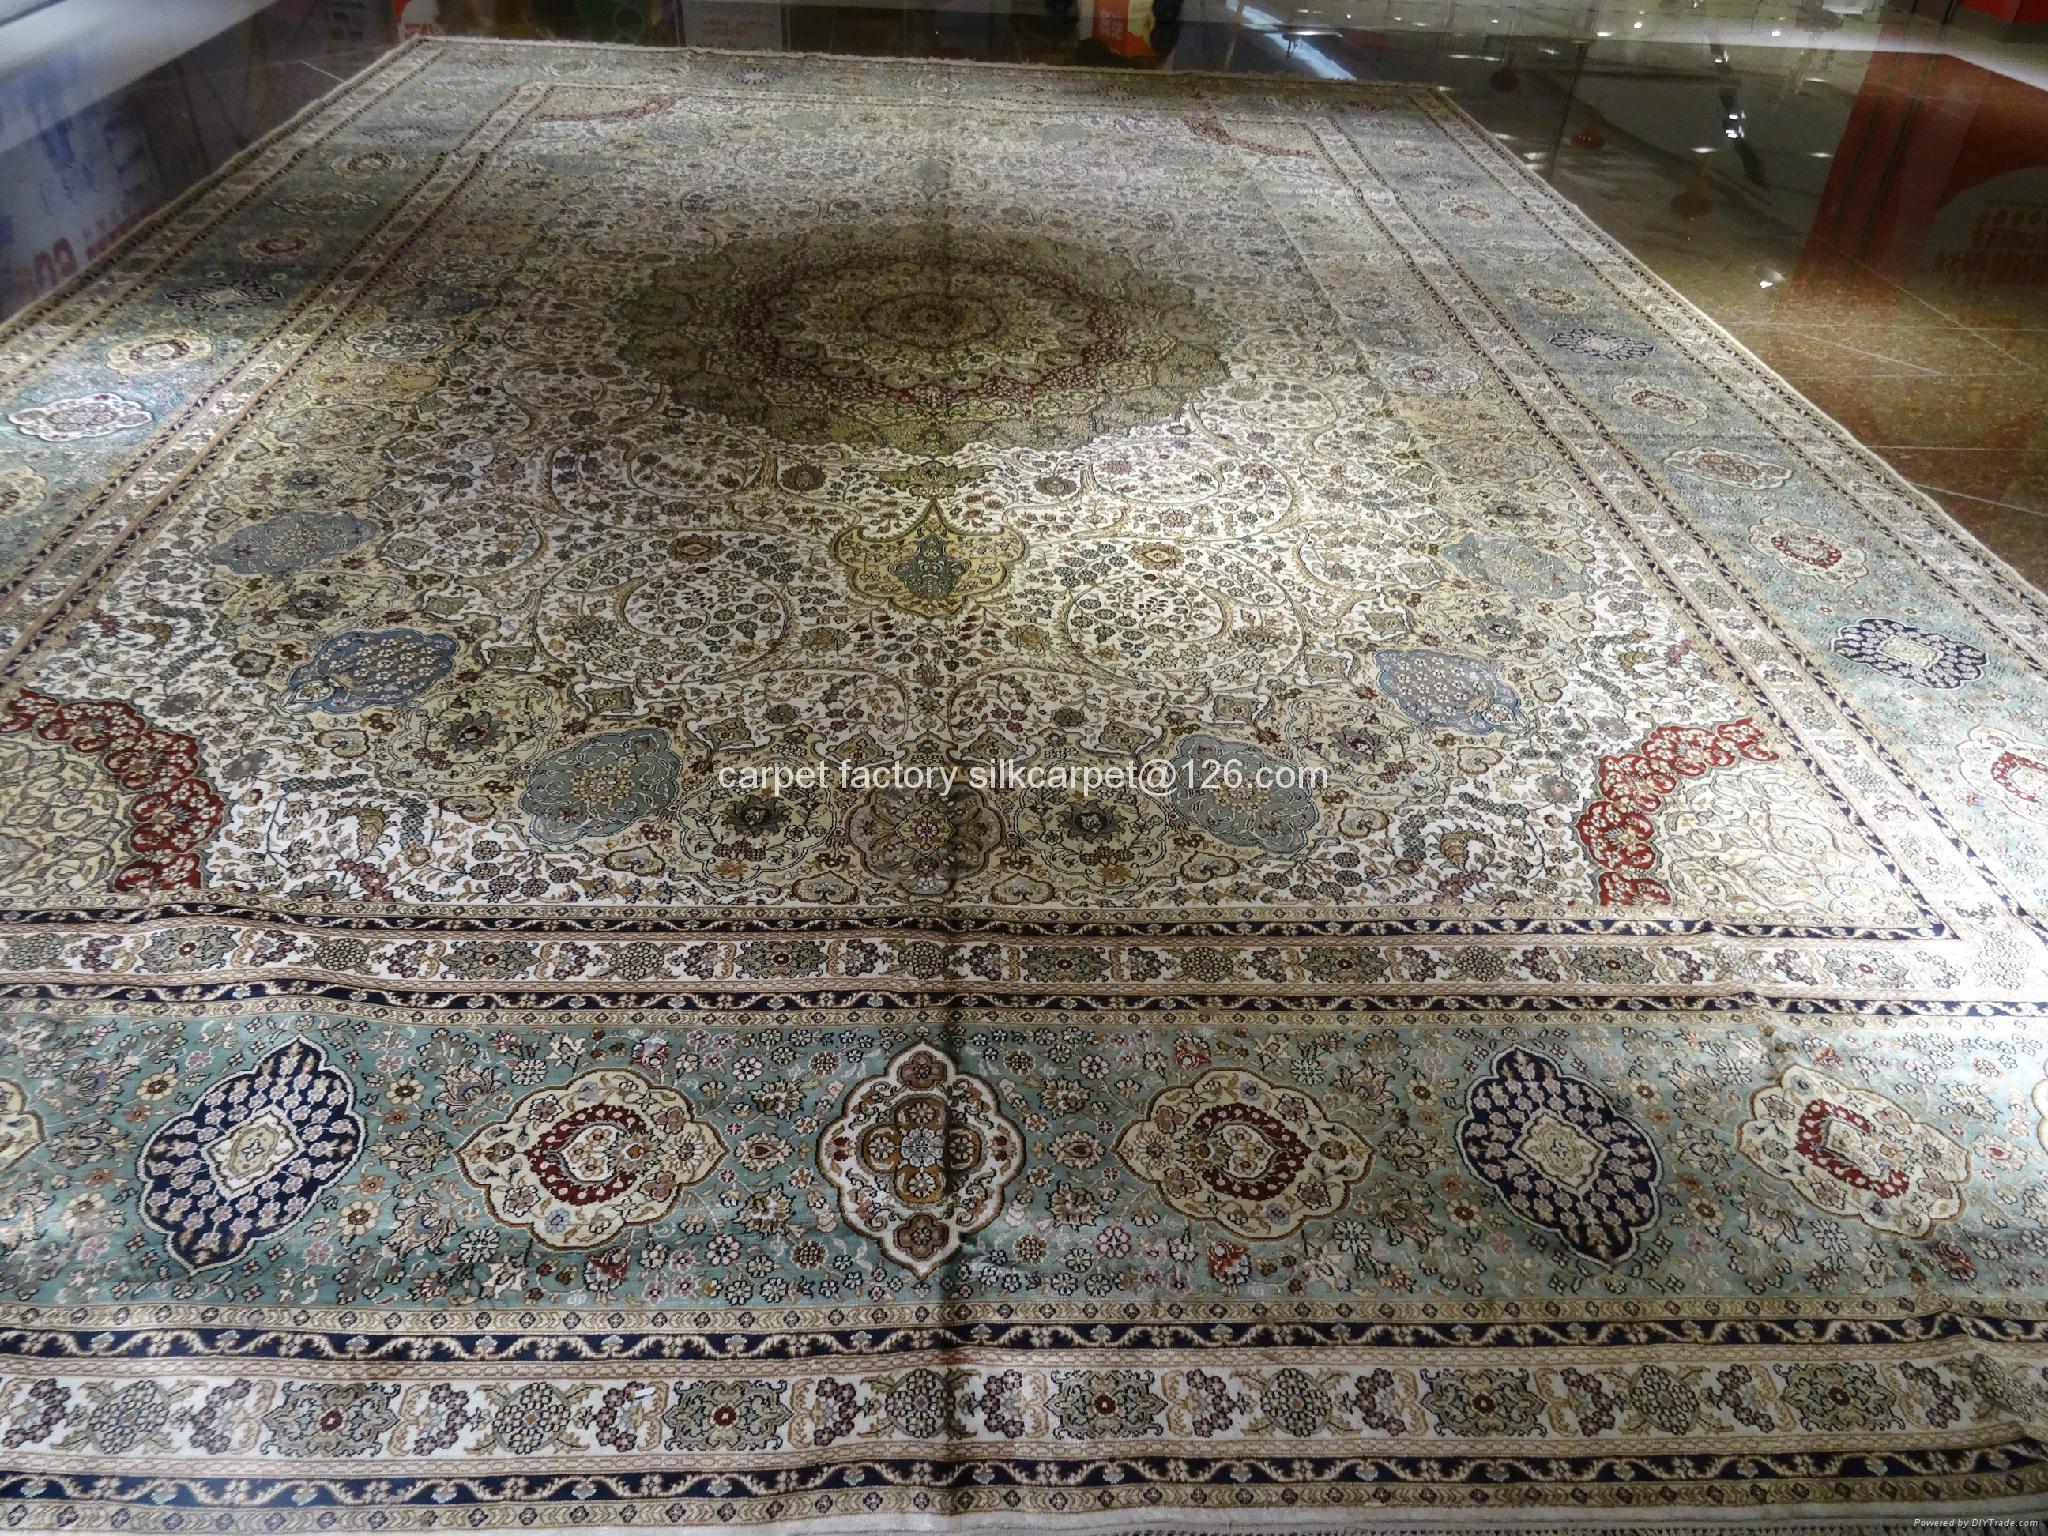 二塊旺福旺財的傳世藝朮挂毯,只有老闆可擁有. 2